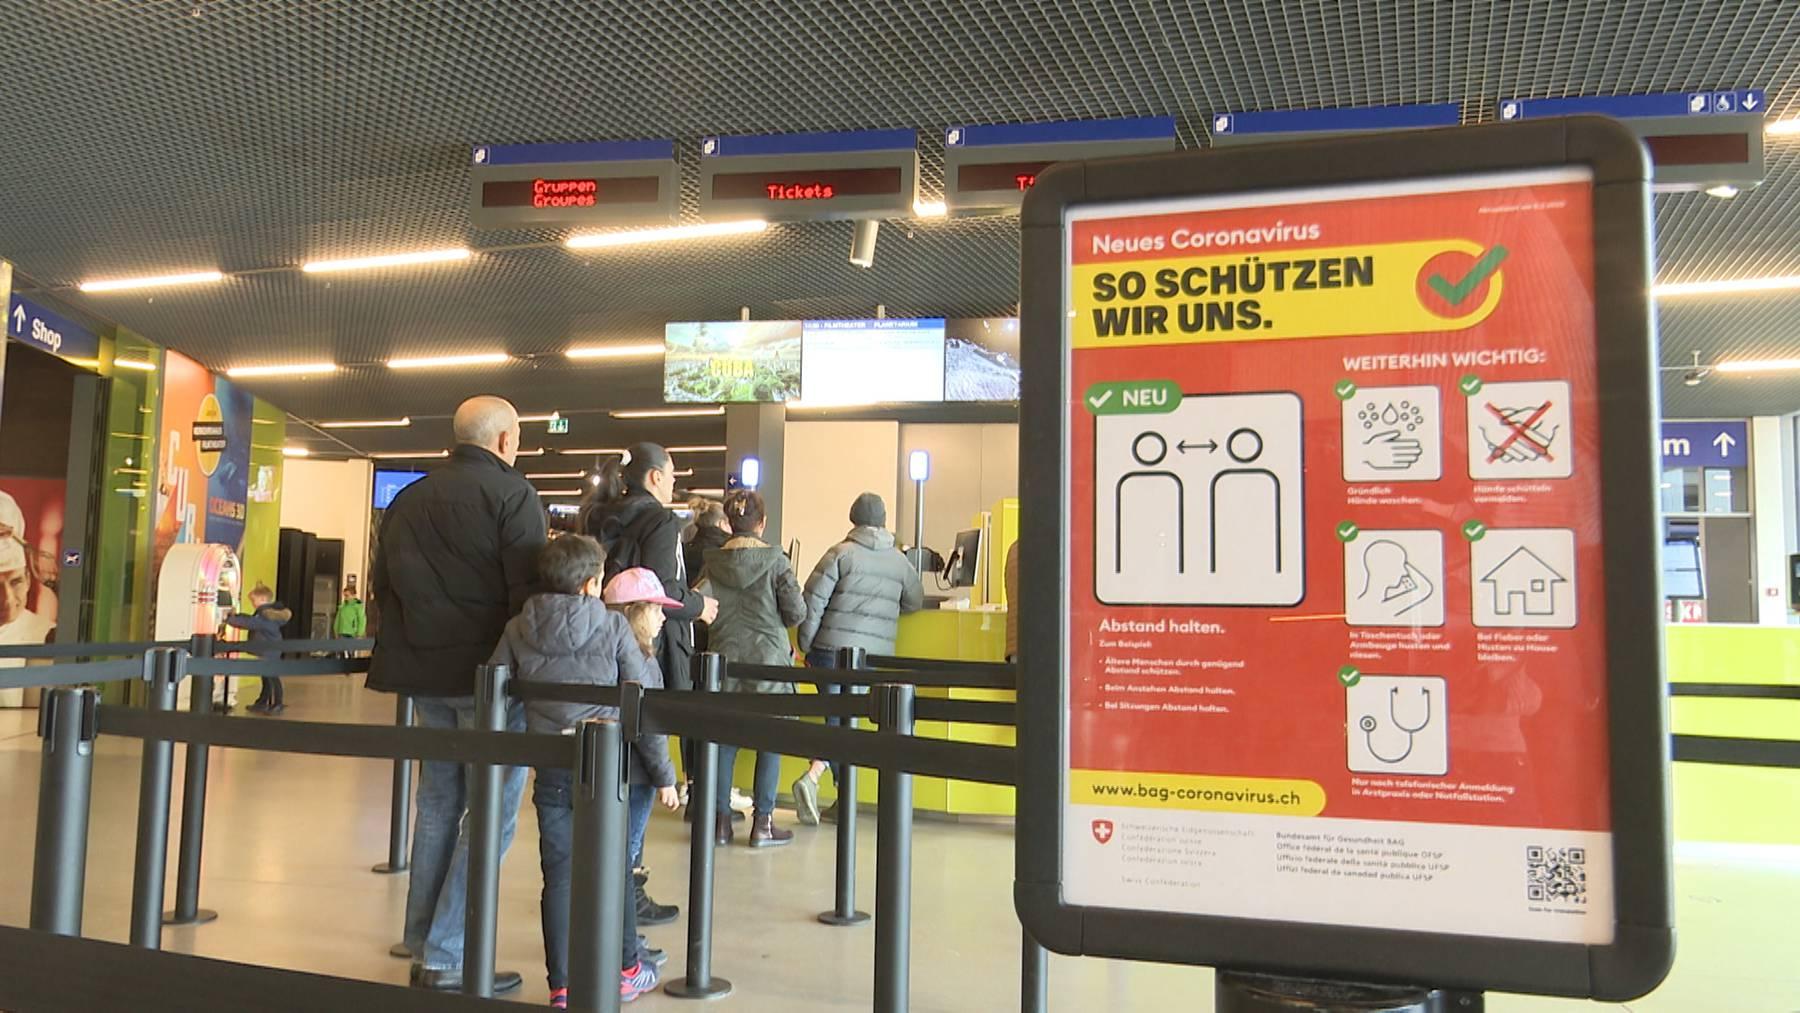 Wegen des Coronavirus bleibt das grösste Museum der Schweiz geschlossen.